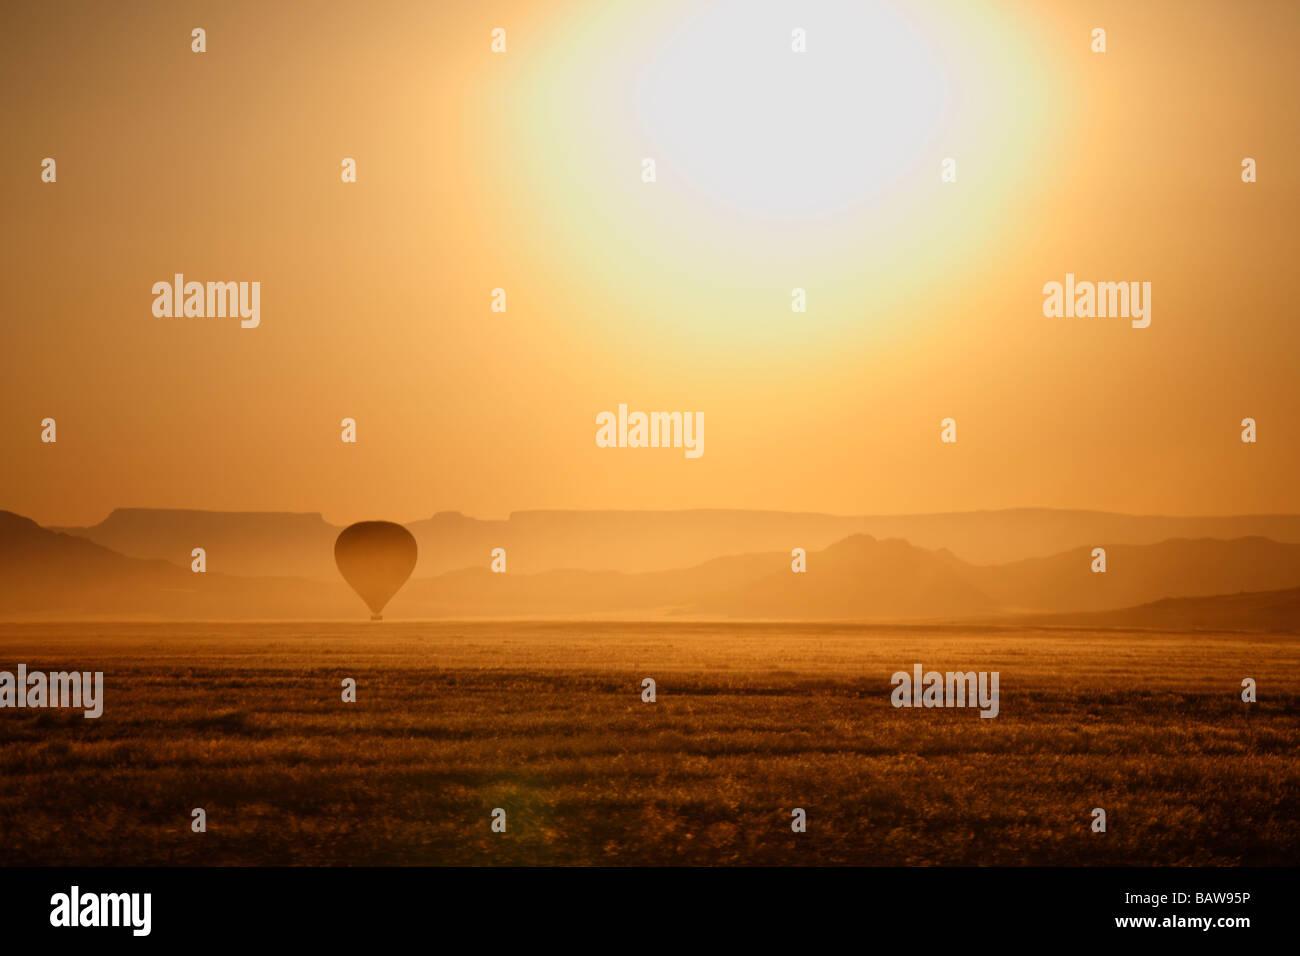 Baloon at dawn, Namib Naukluft National Park, Namibia - Stock Image